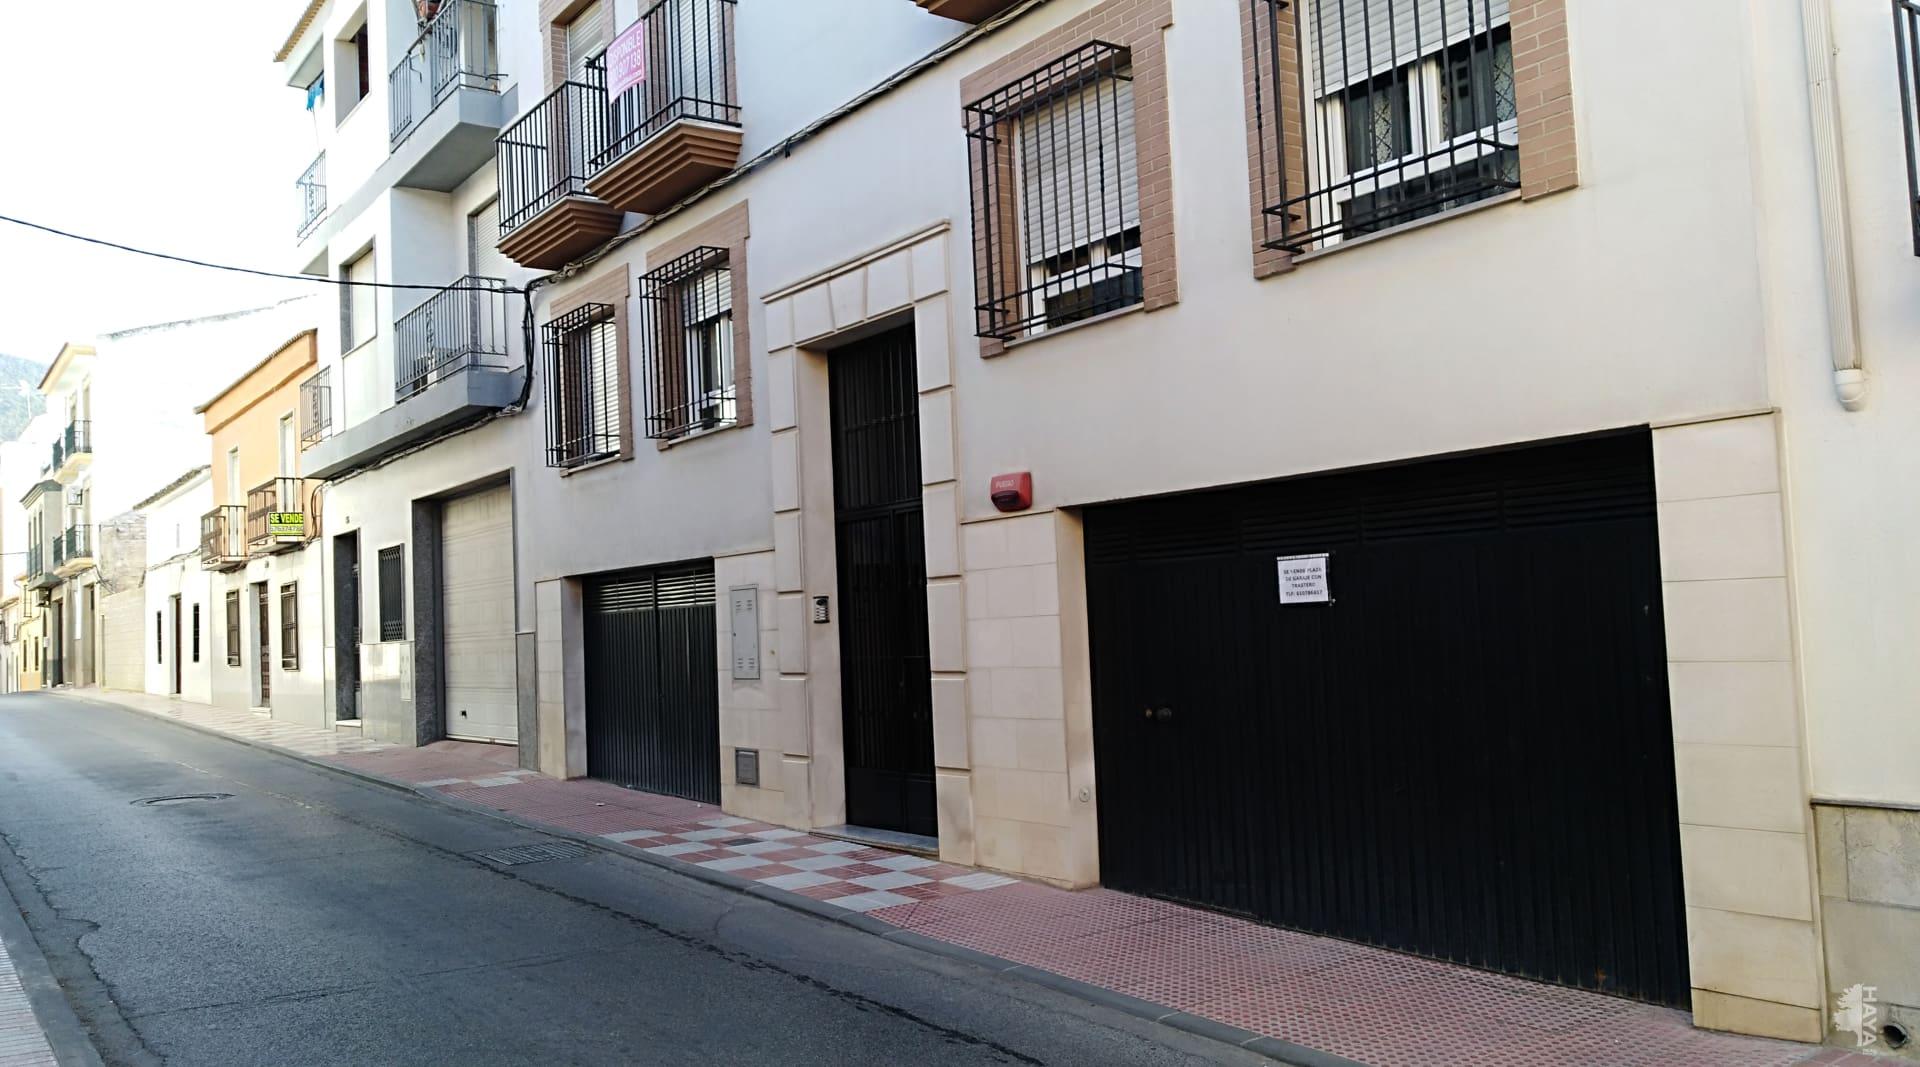 Piso en venta en Mancha Real, Jaén, Calle Callejuelas Altas, 94.583 €, 3 habitaciones, 4 baños, 116 m2